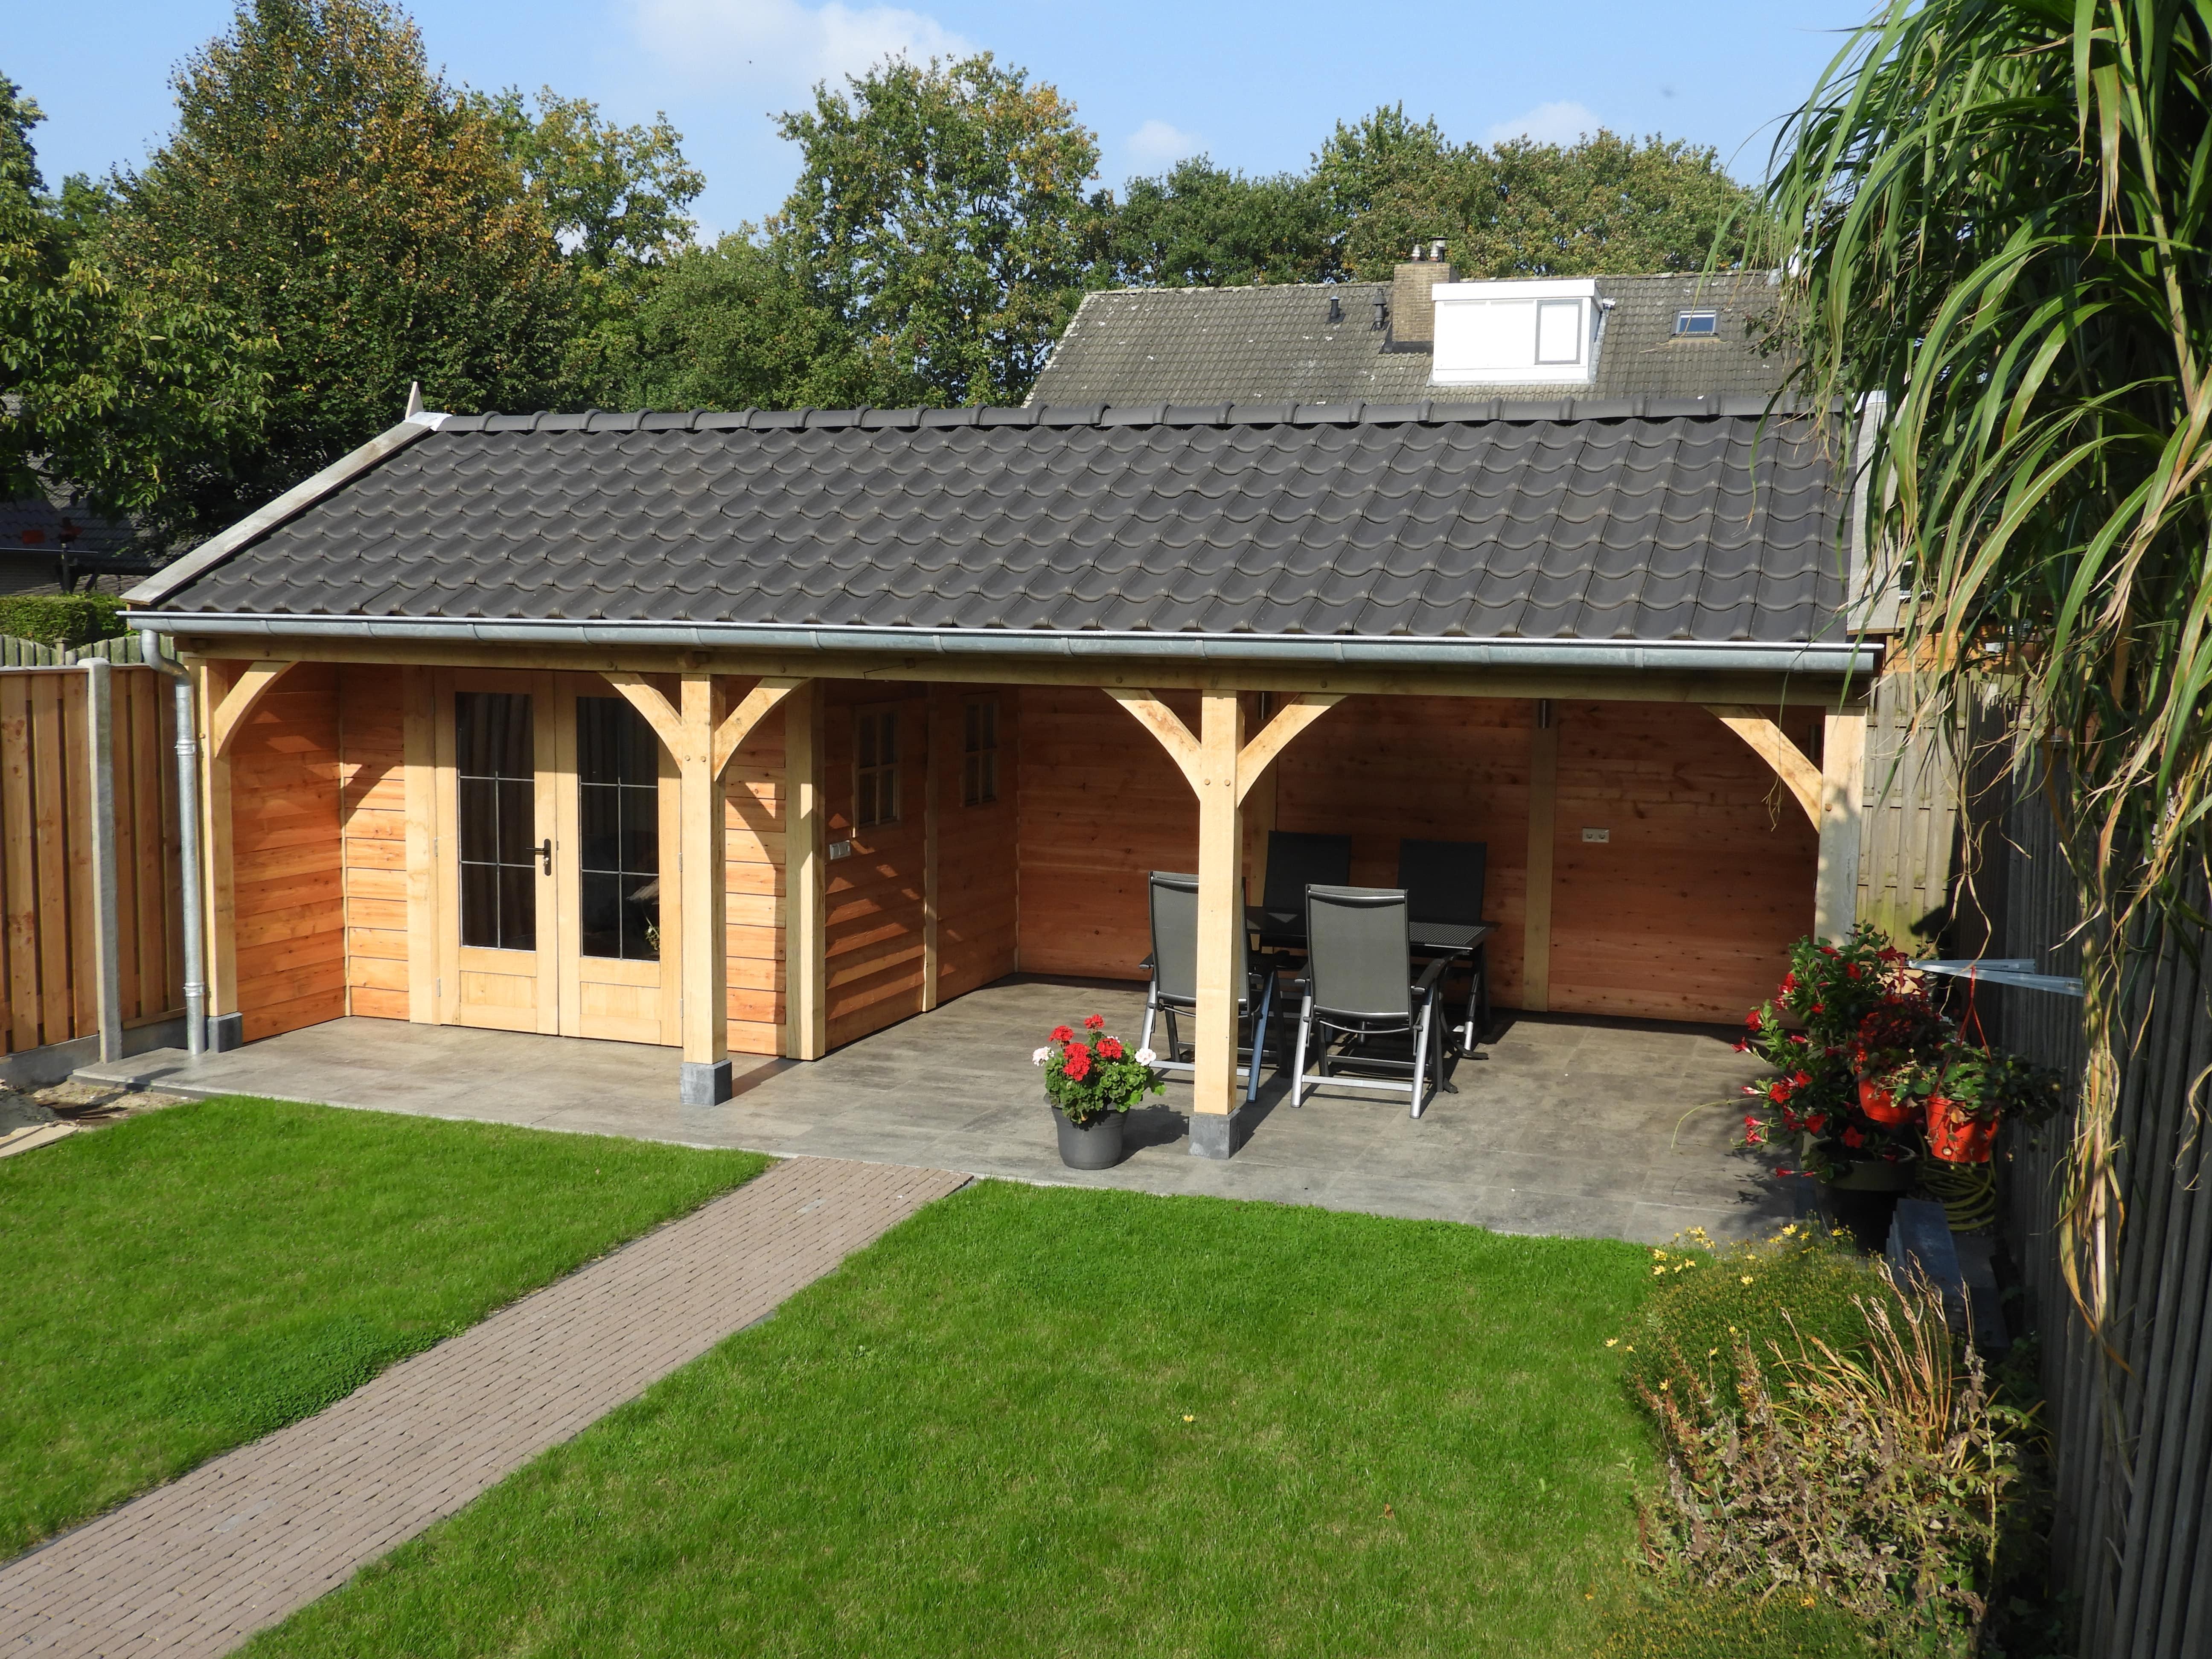 houten-tuinhuis-met-veranda-16-min-1 - project Marienberg